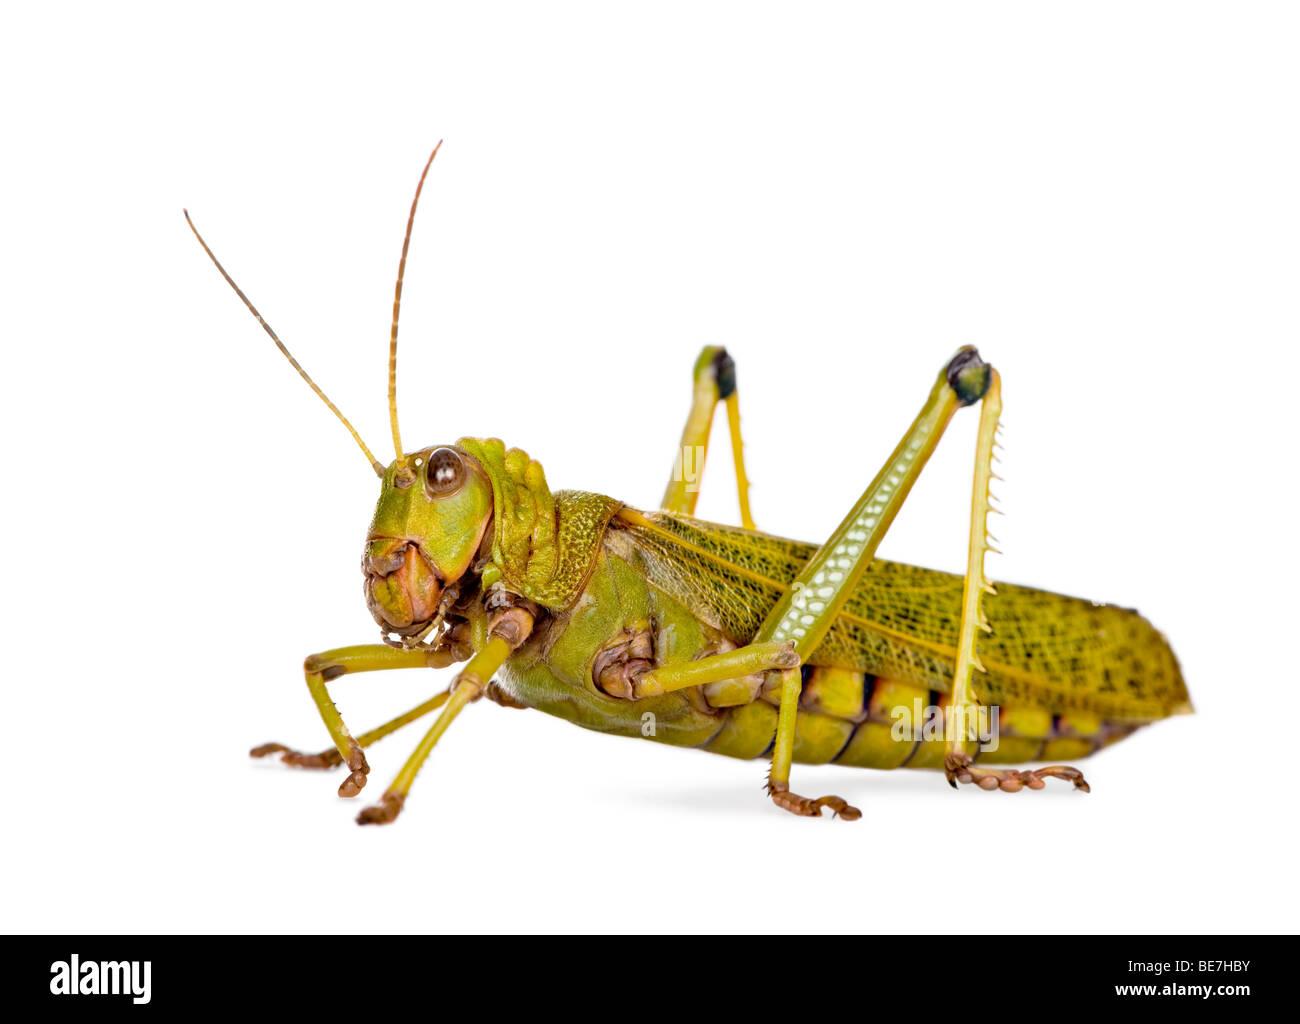 Side view Giant guianas locust, Tropidacris collaris, against white background, studio shot Stock Photo